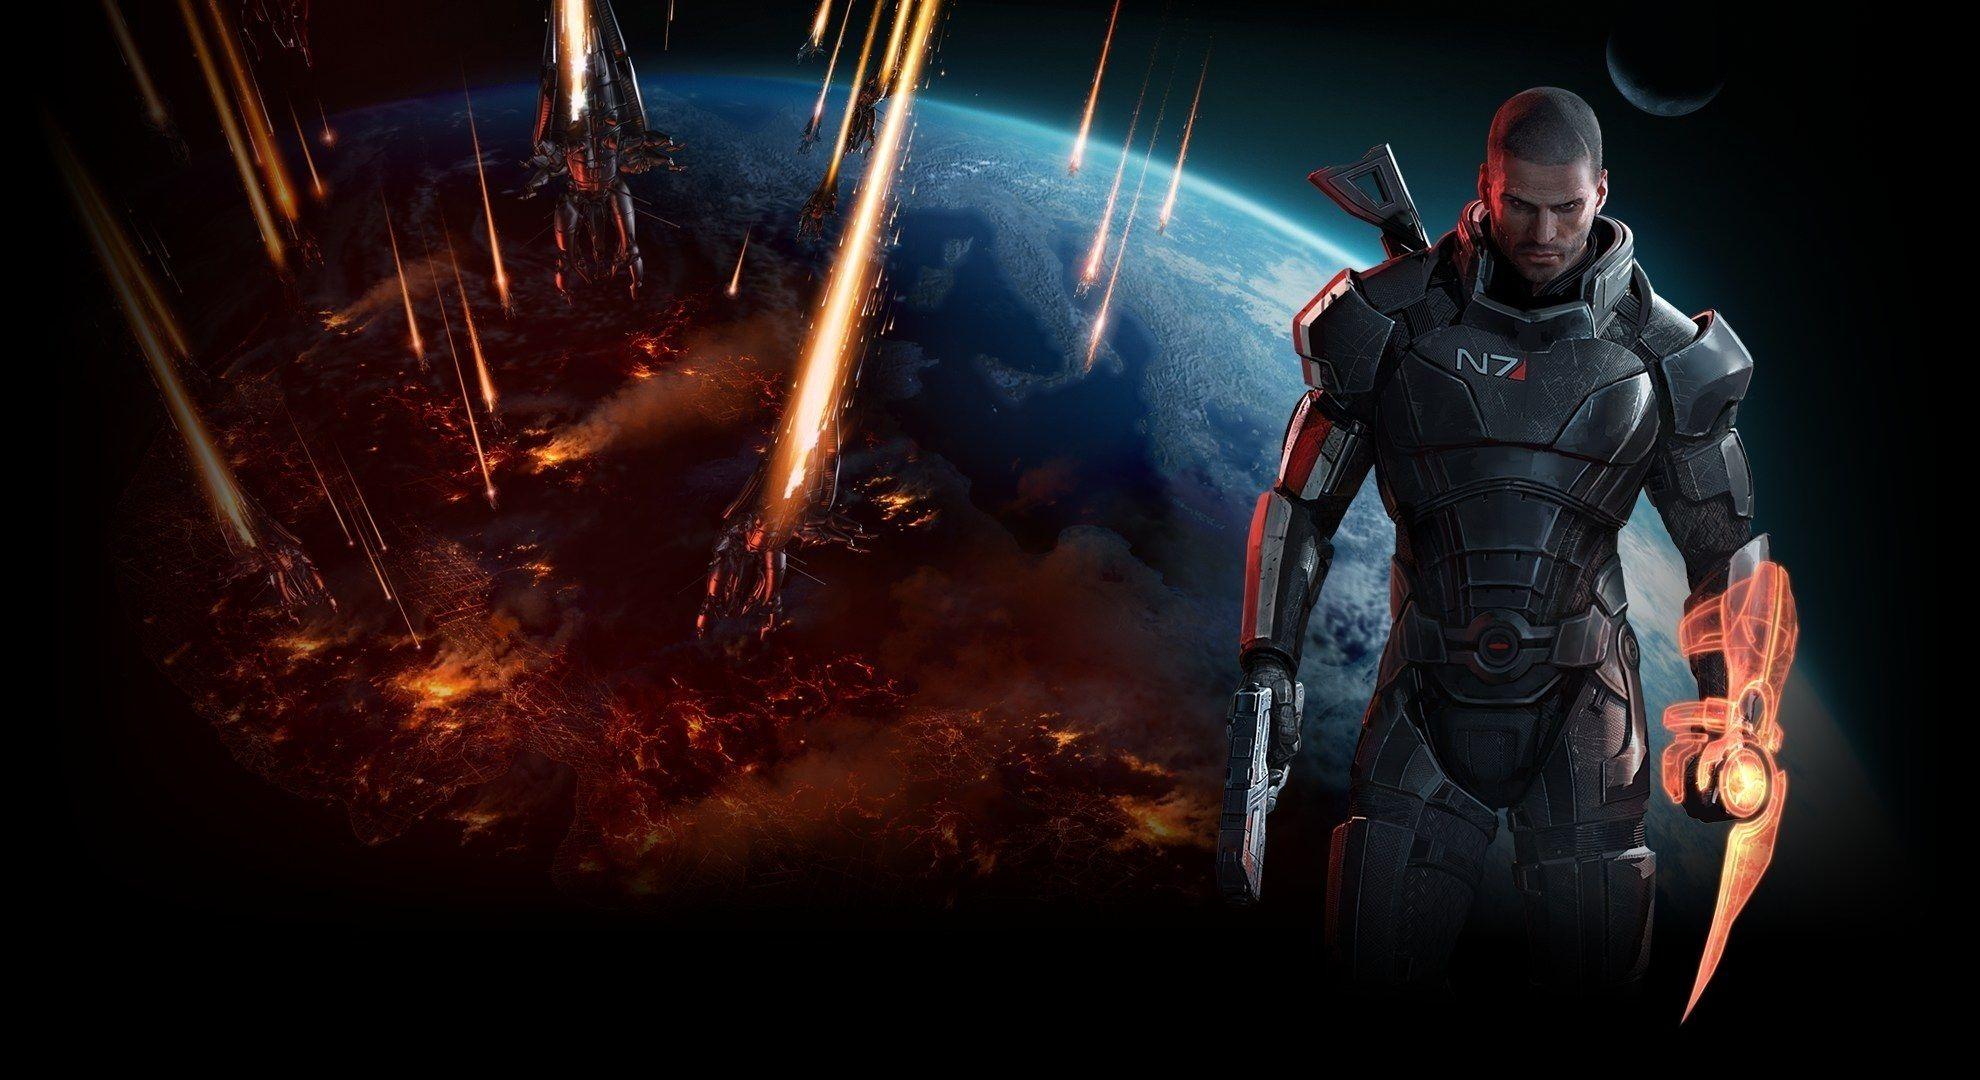 Mass Effect Wallpapers Hd Wallpaper Cave Mass Effect Mass